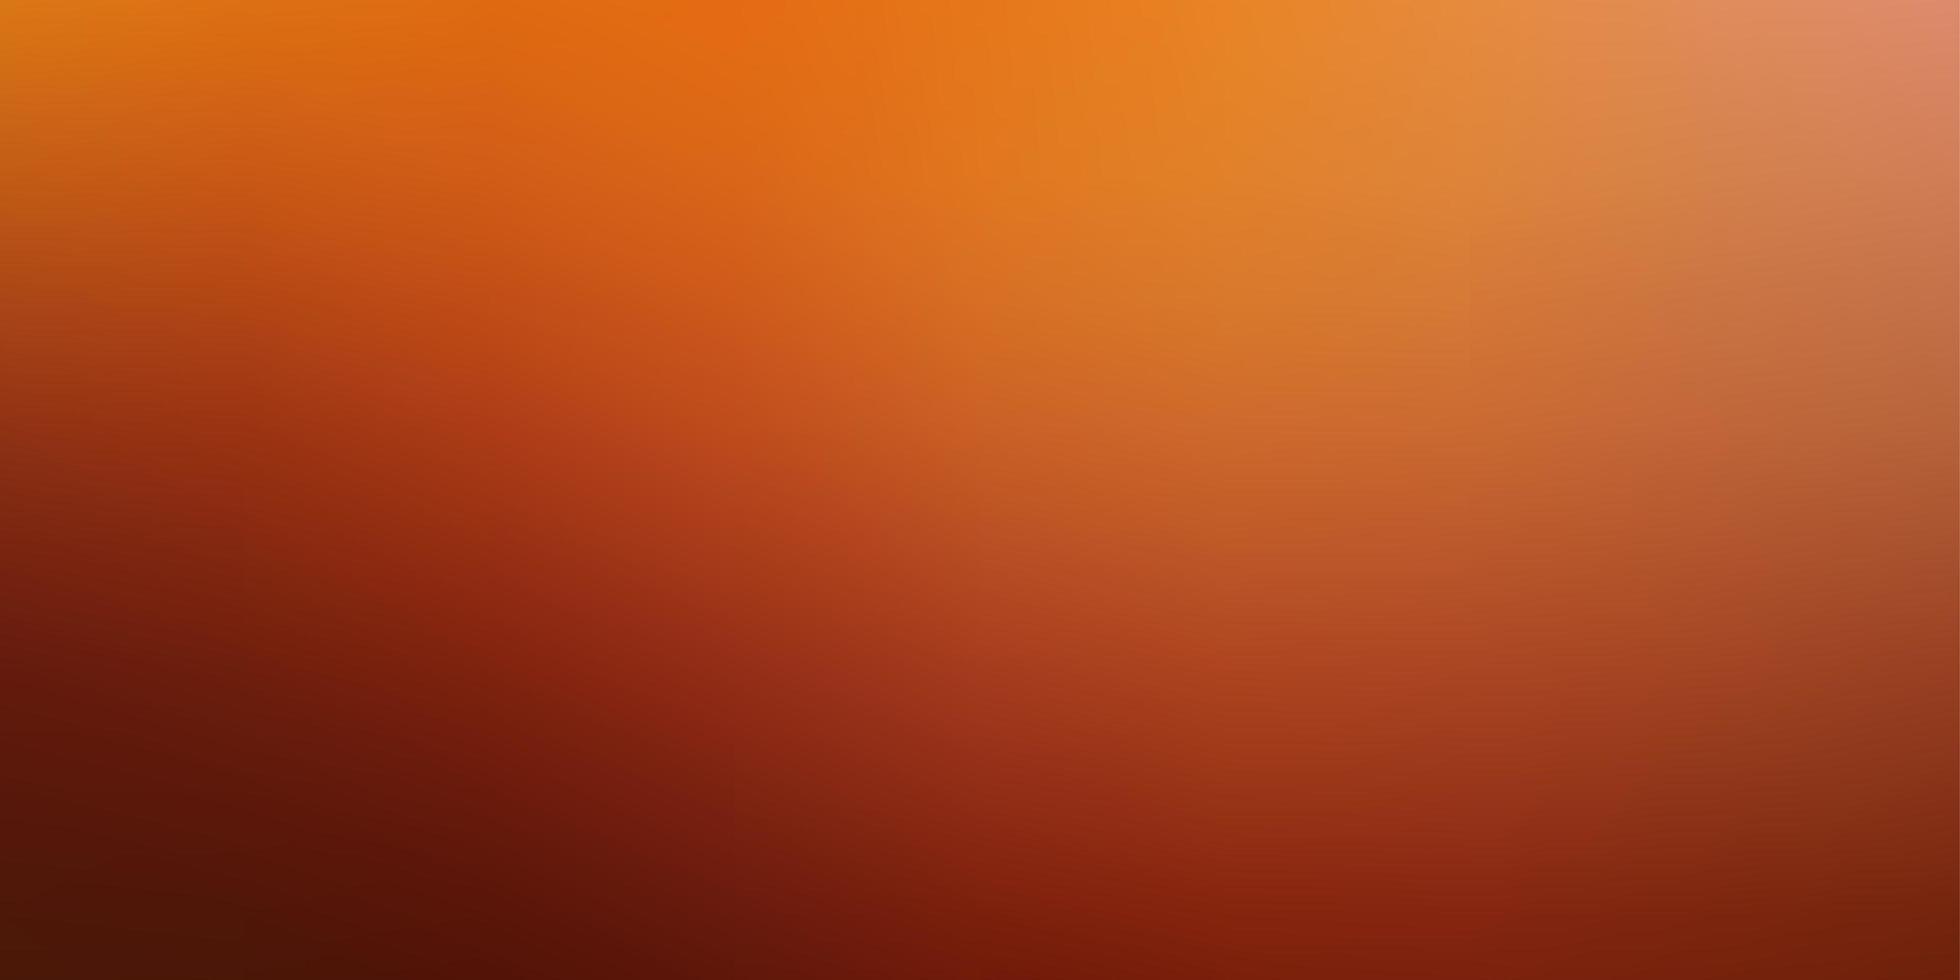 arrière-plan flou abstrait vecteur orange clair.